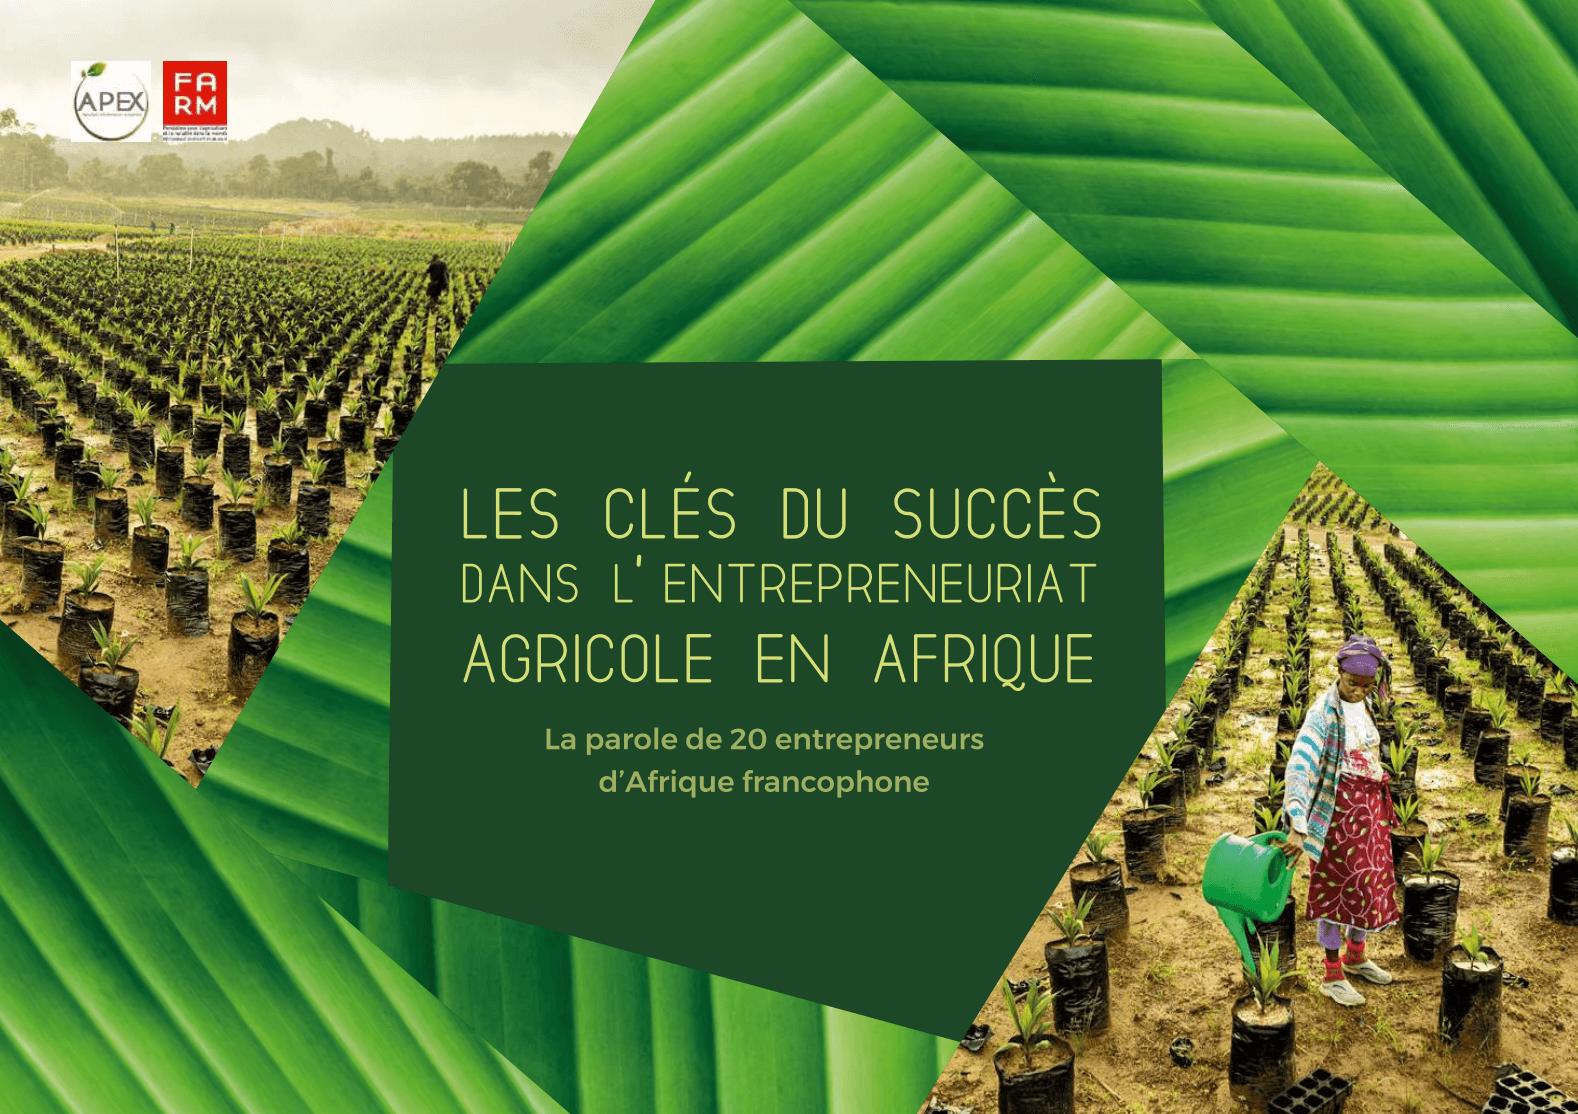 Notre dernière étude : Les clés du succès dans l'entreprenariat agricole en Afrique